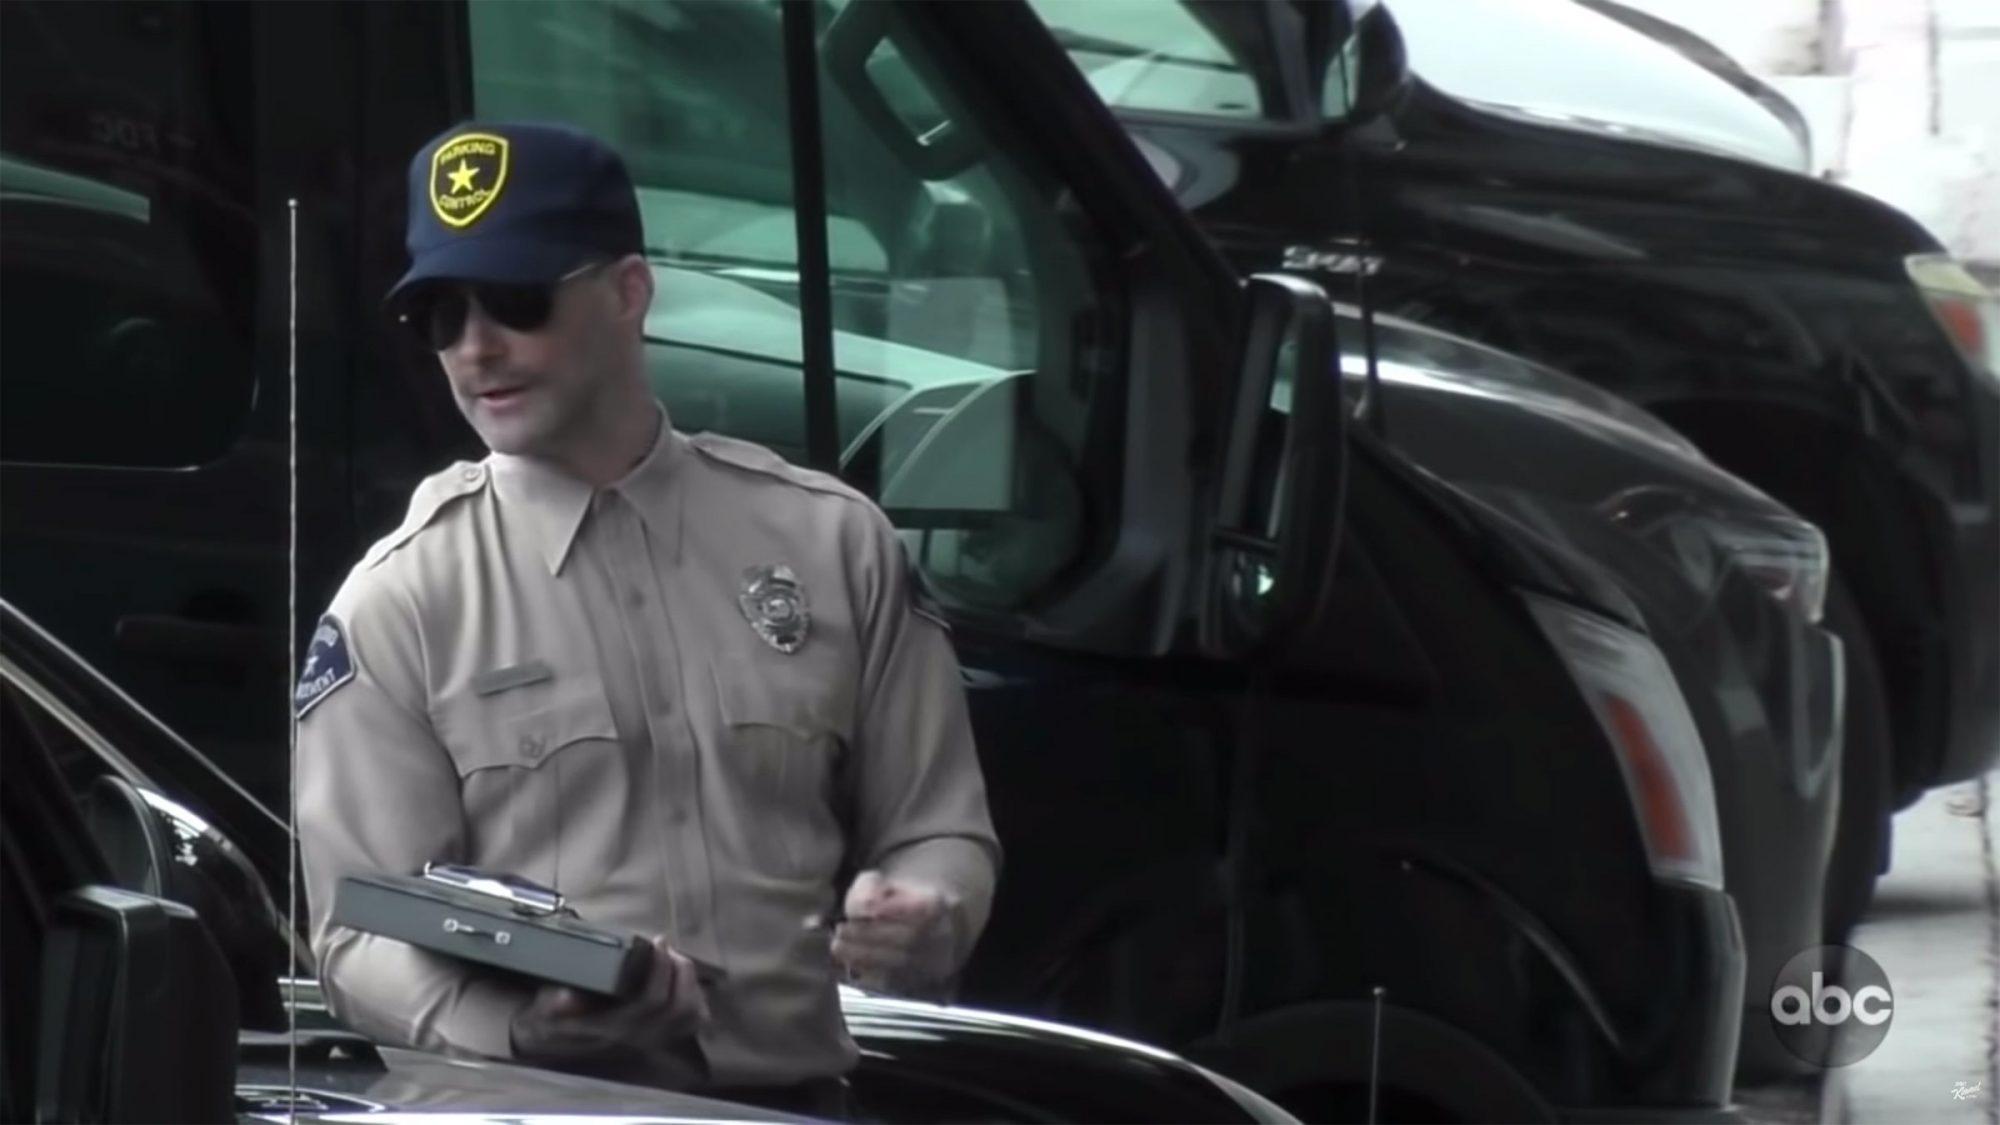 Jimmy Kimmel Live Adam Levine Pranks Drivers in LA